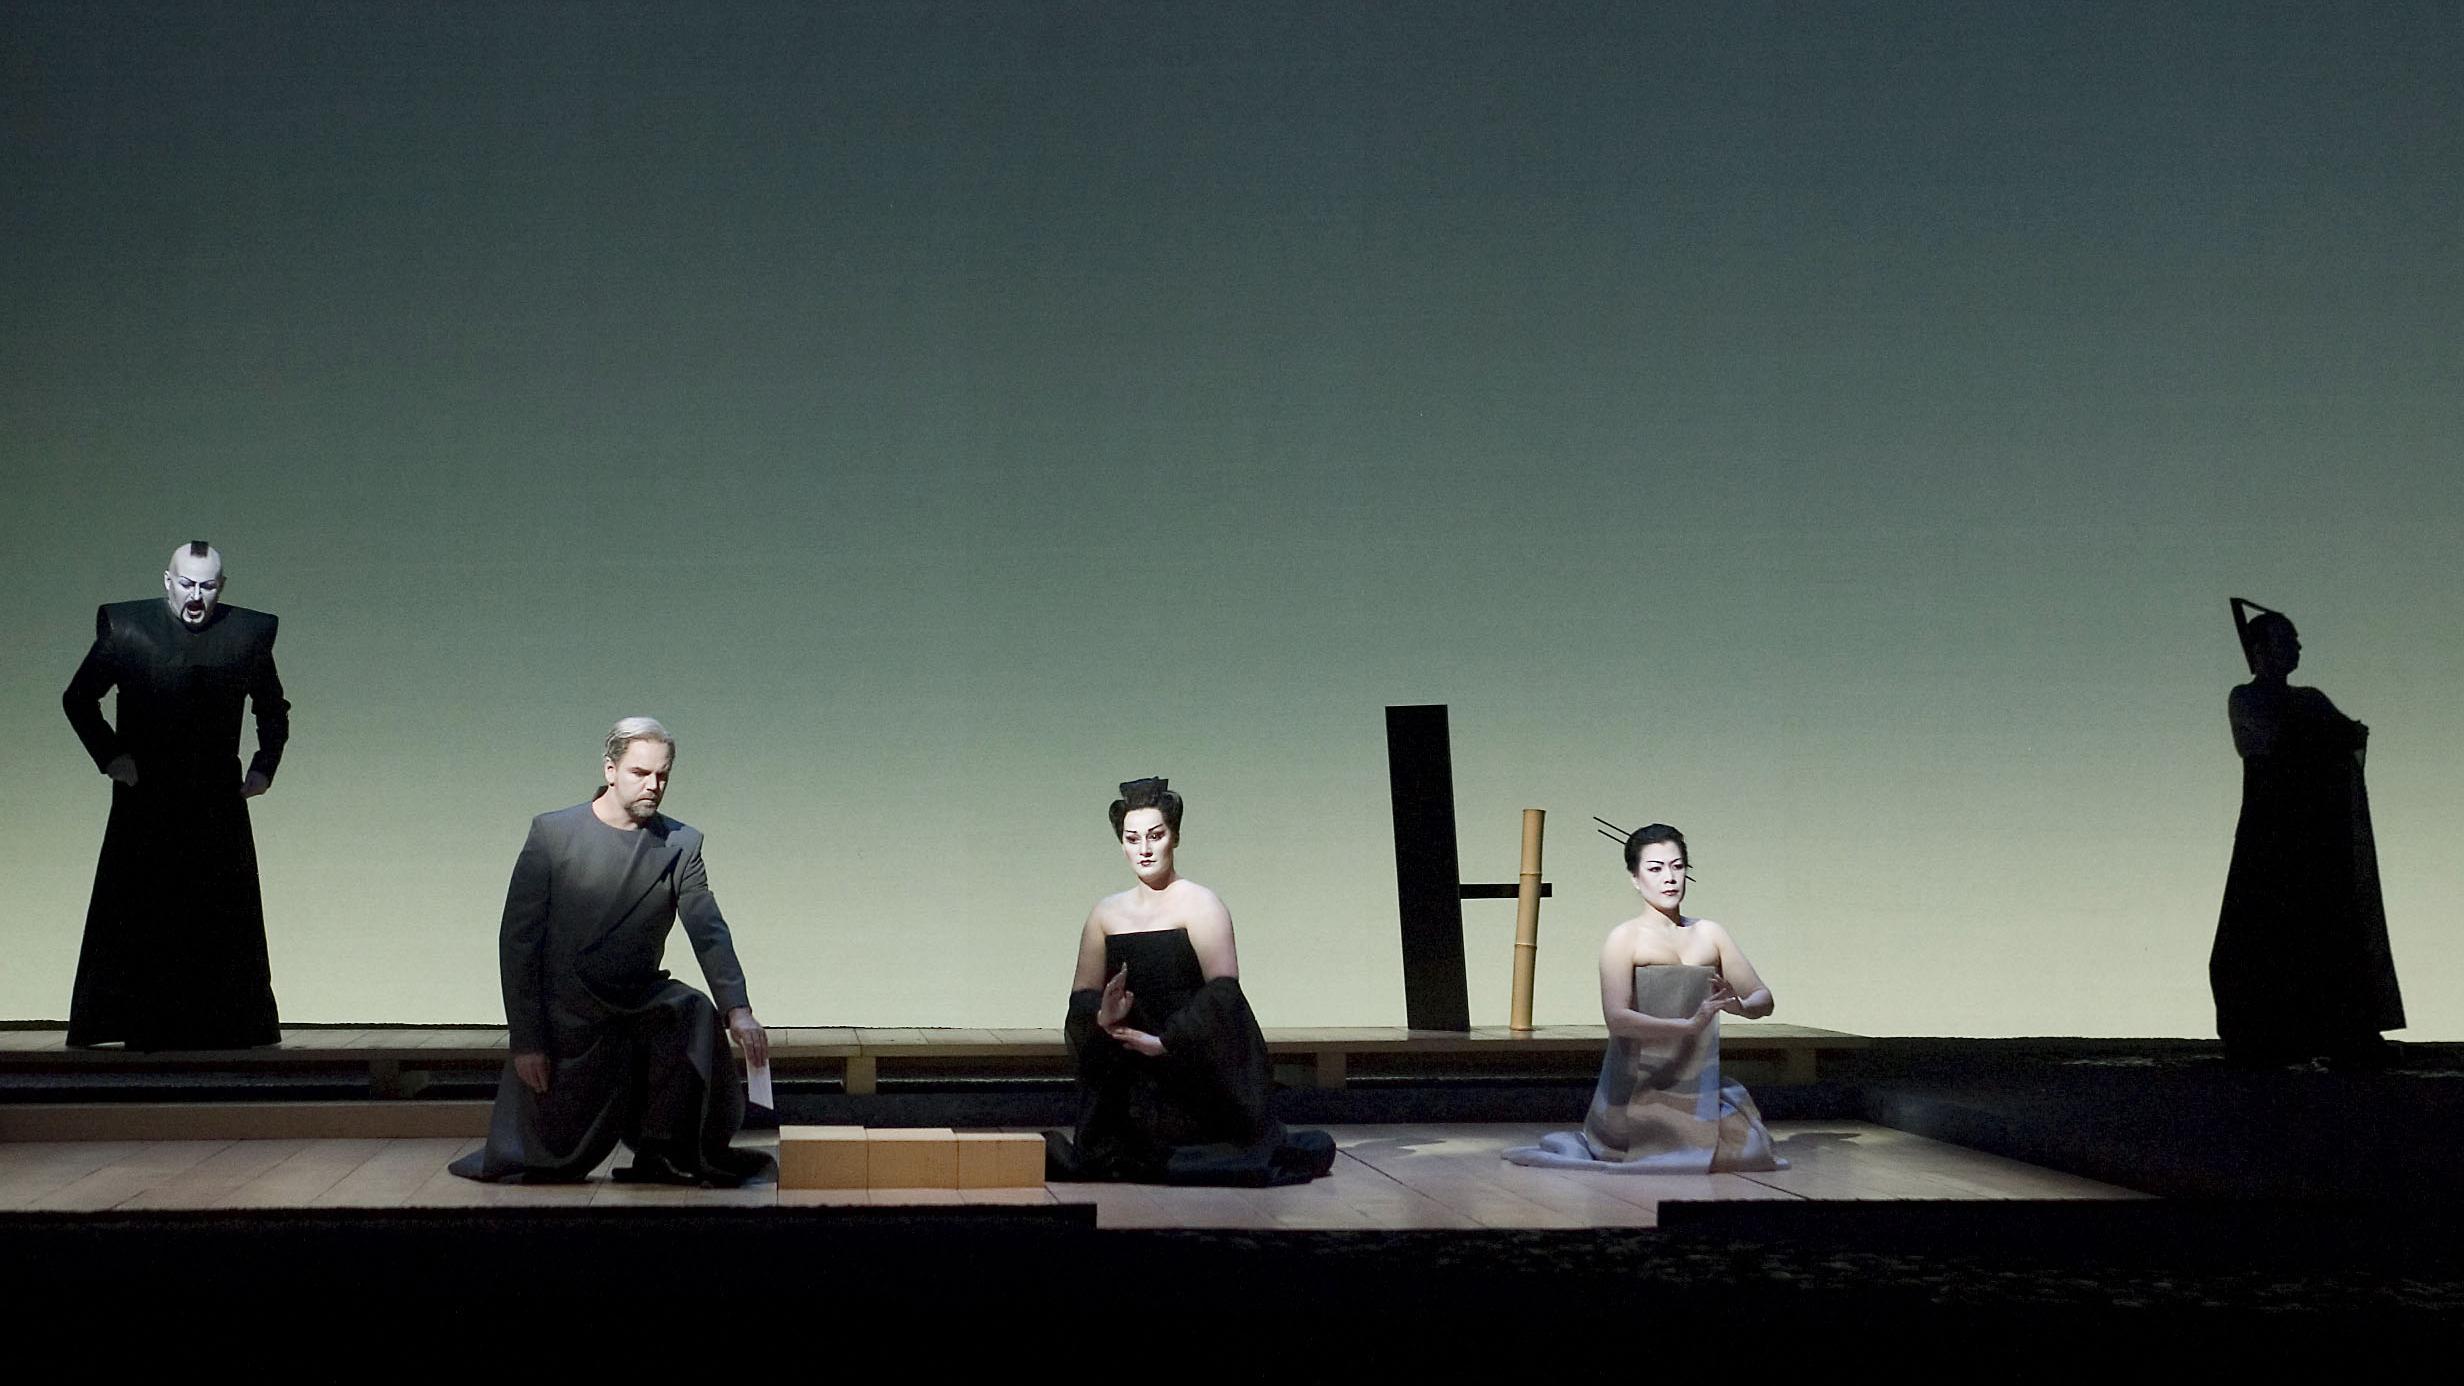 Drie mensen op hun knieën op het podium, links en rechts staan twee mensen.